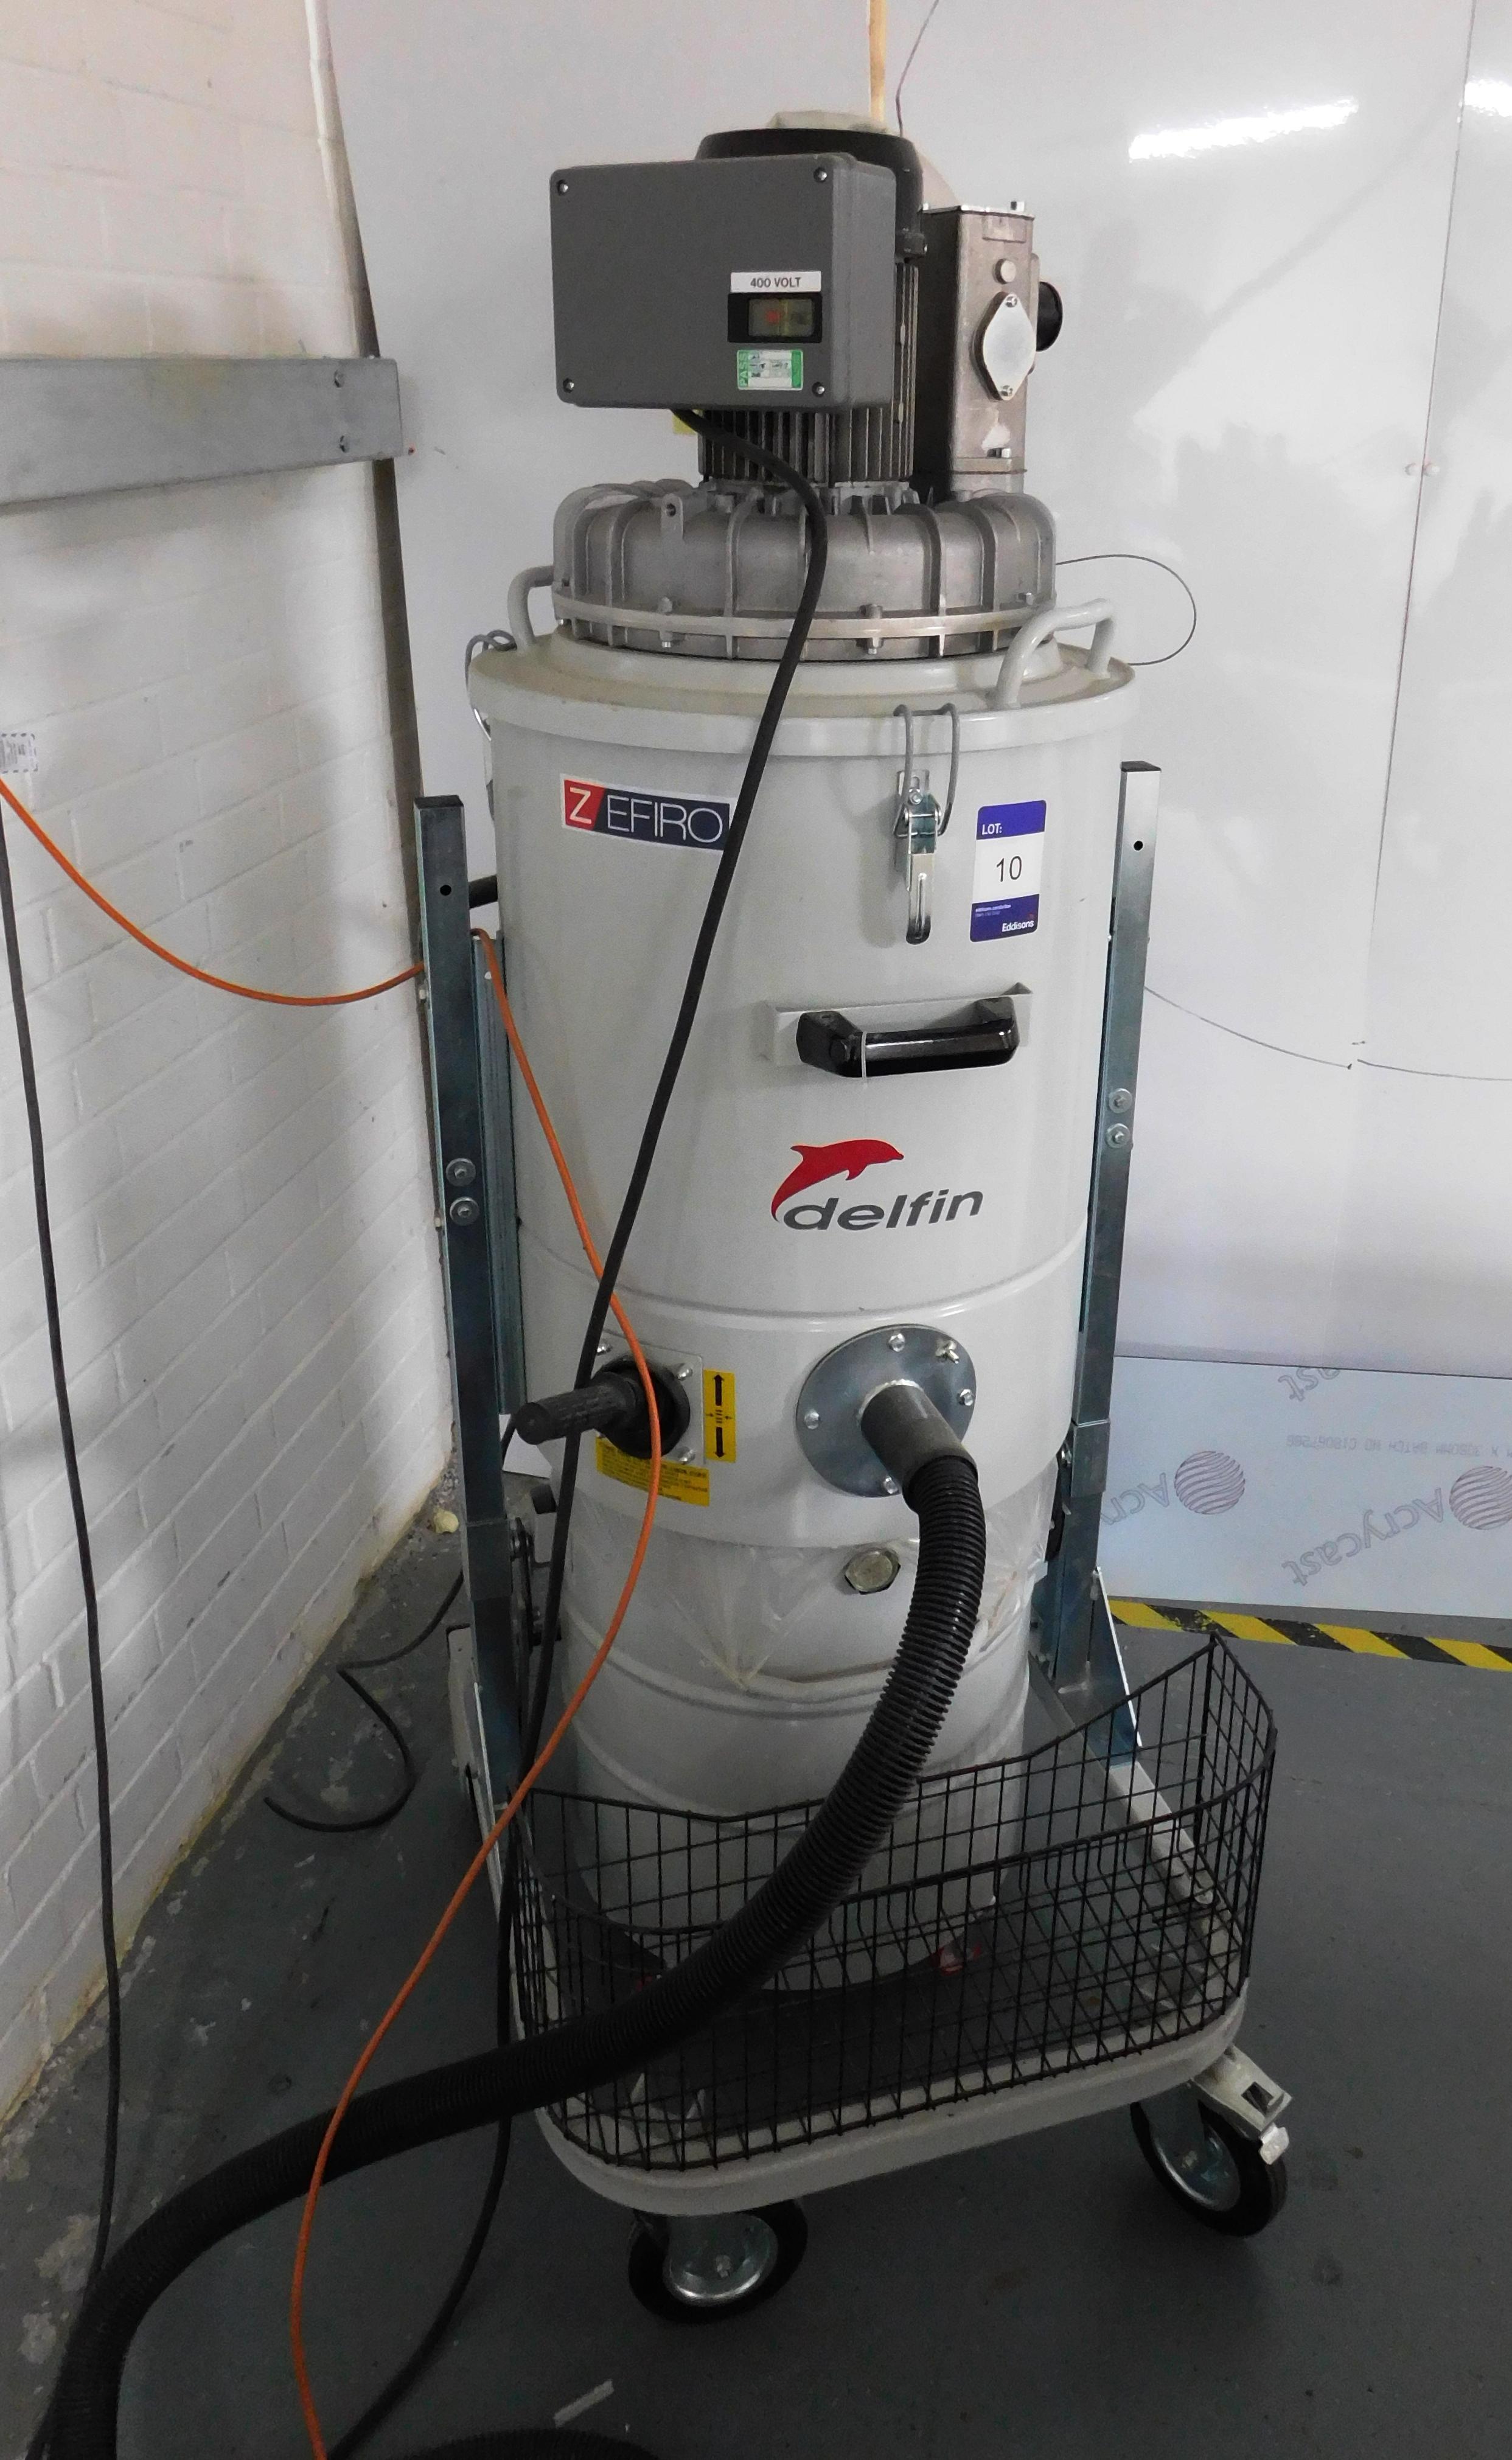 Delfin Zefiro Industrial Vacuum